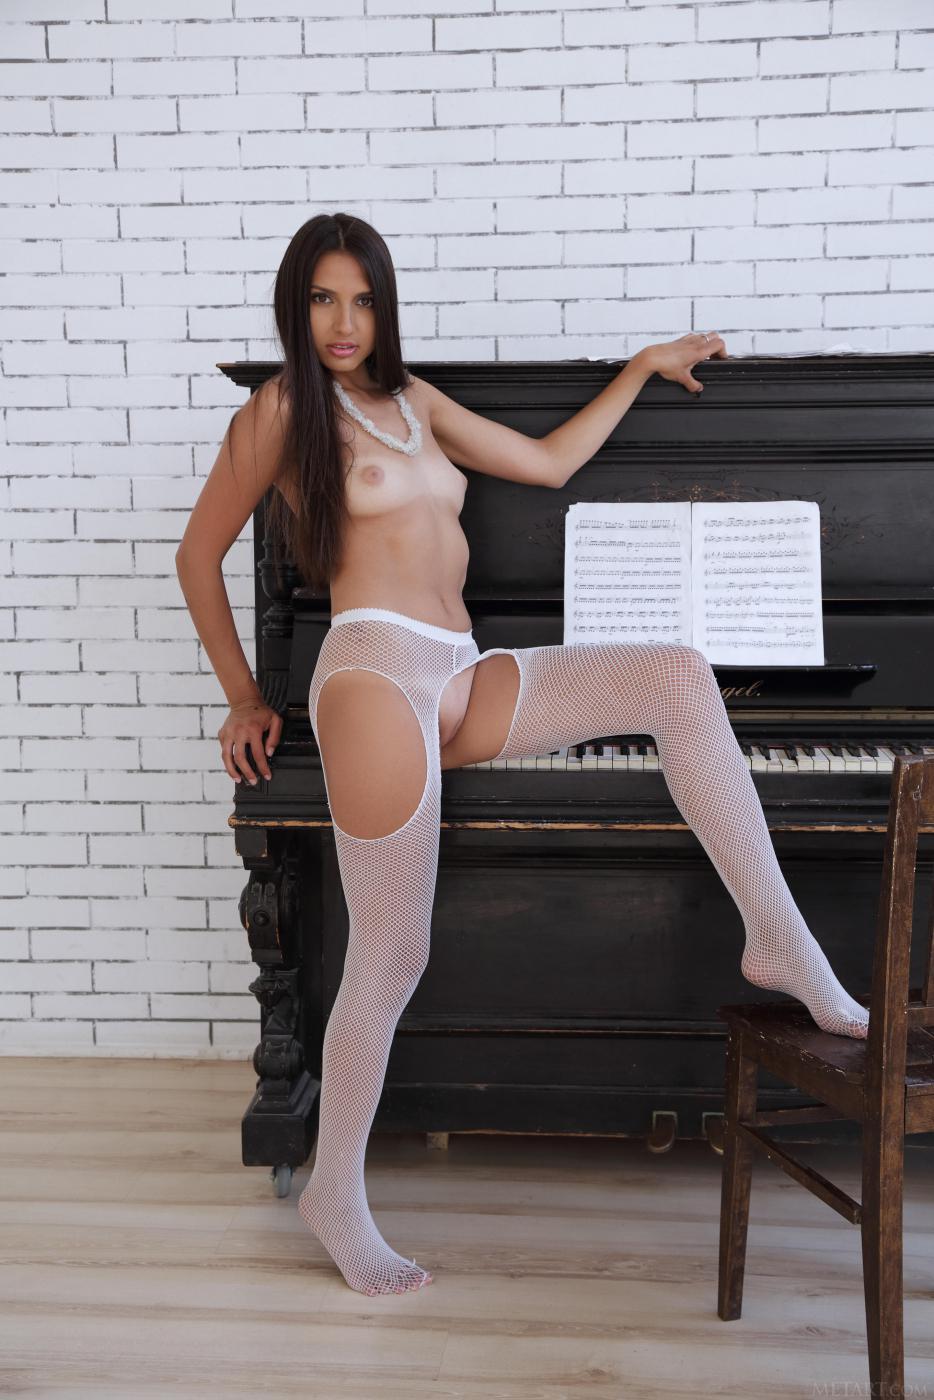 Остренькая карамельная красотка Natania A показывает идеальную фигуру у пианино